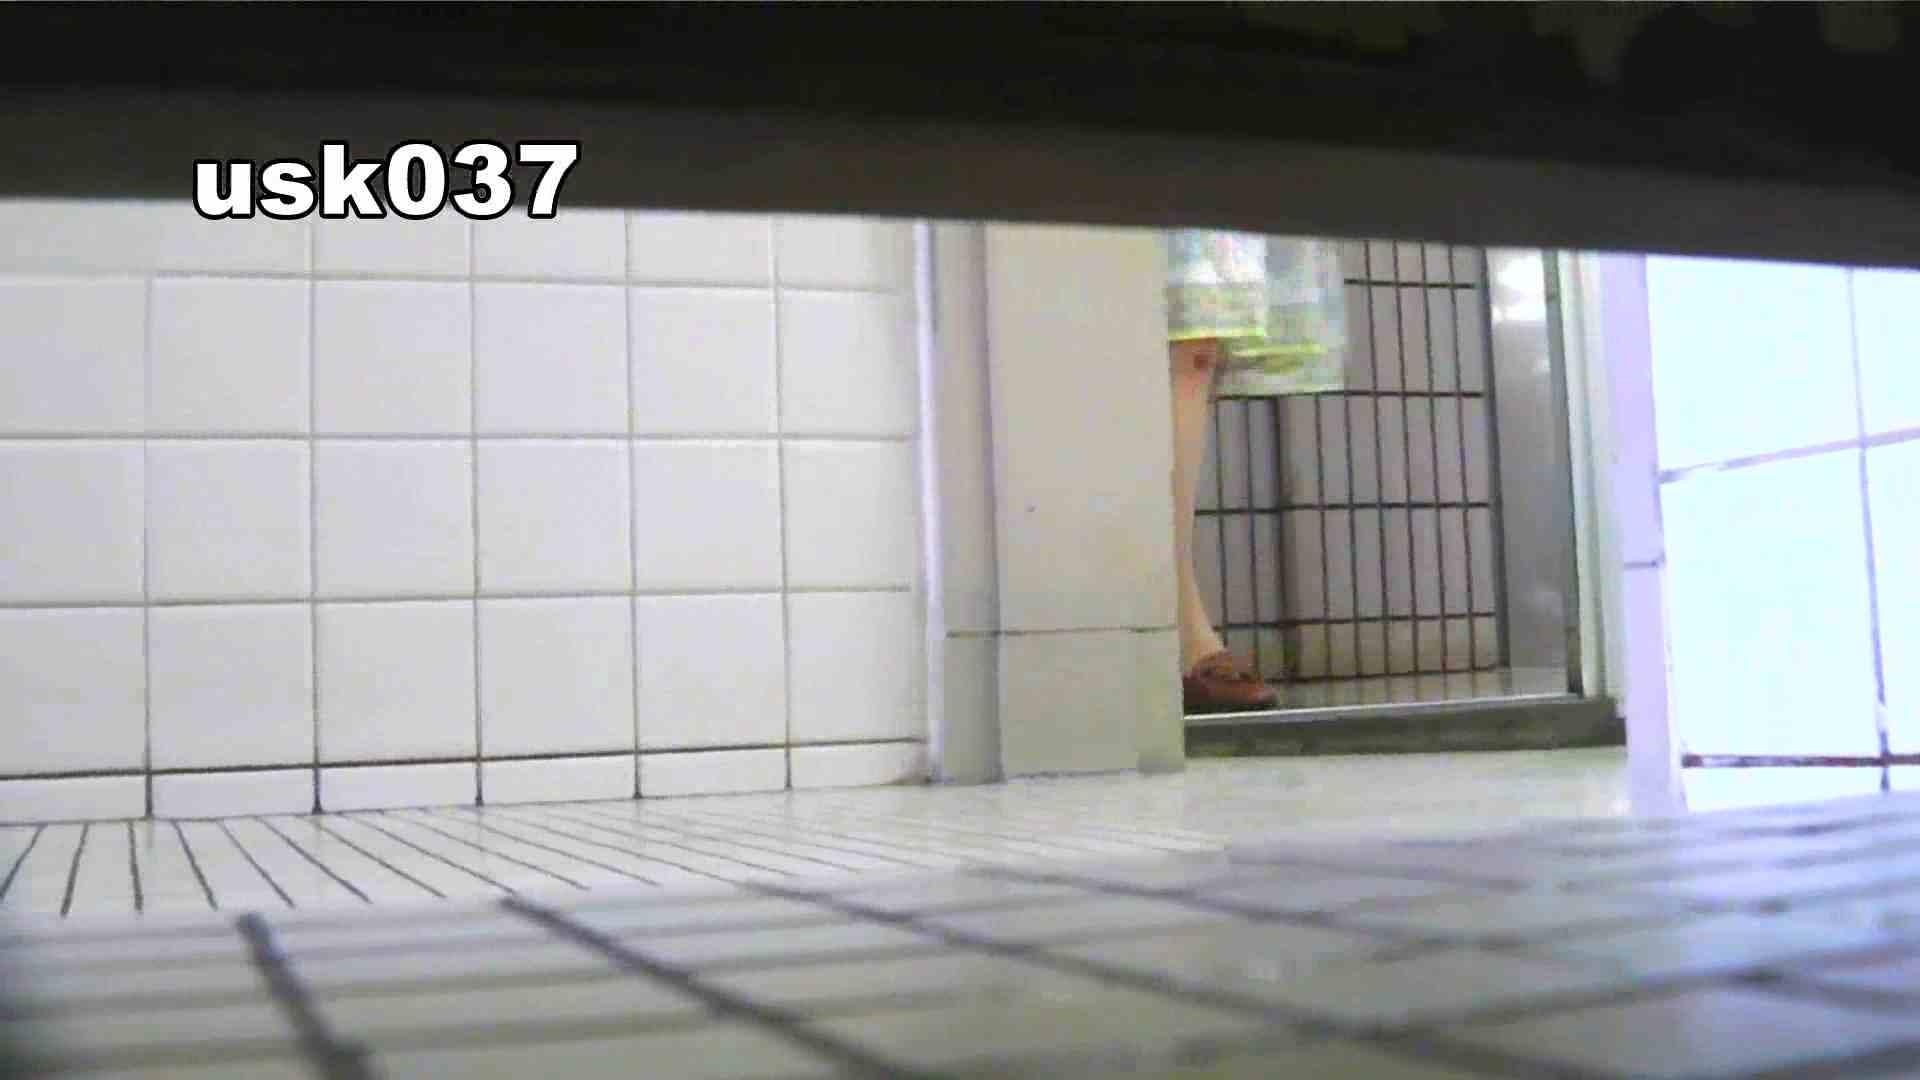 【美しき個室な世界】 vol.037 ひねり出す様子(フトイです) 高画質  99枚 87